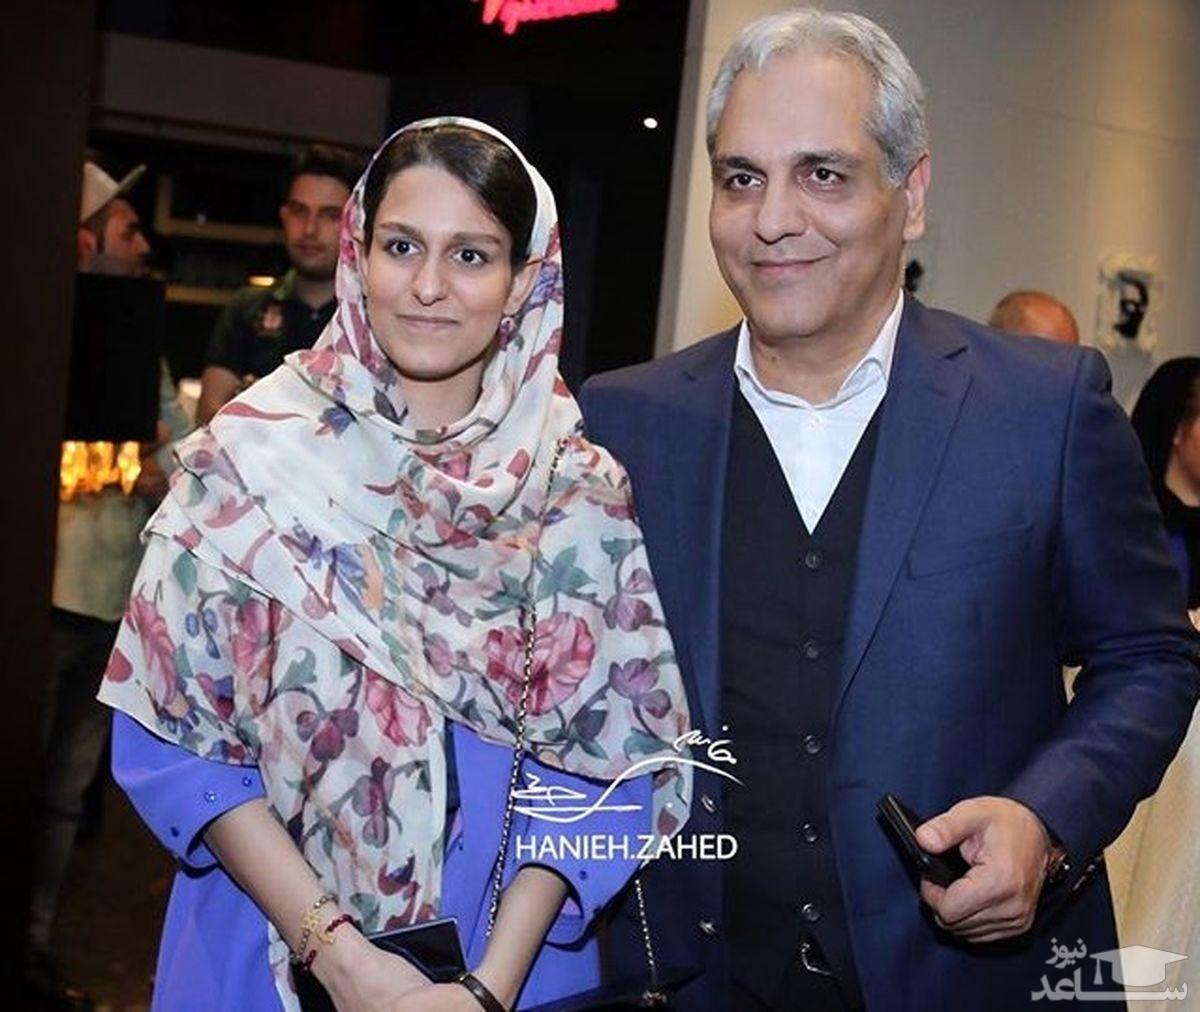 جنجال انتشار عکس همسر مهران مدیری در فضای مجازی/ واکنش همسر مهران مدیری چه بود؟